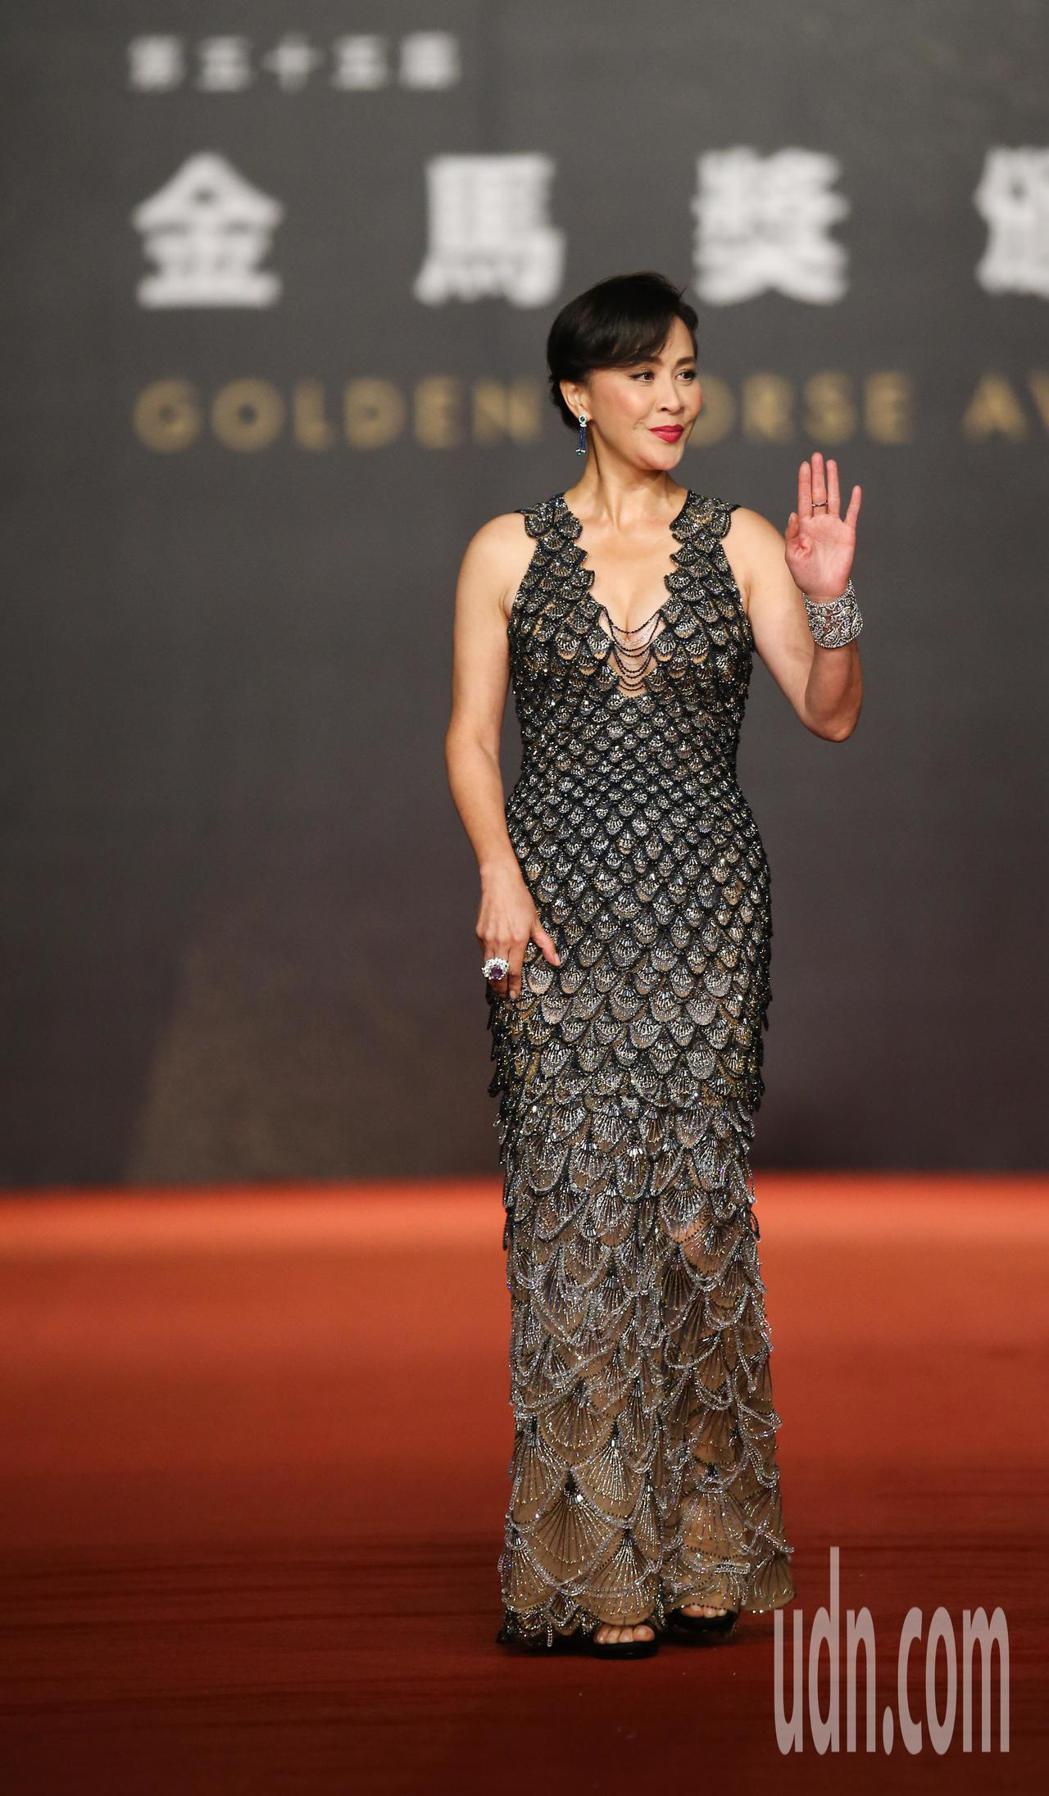 第55屆金馬獎頒獎典禮在國父紀念館舉行,劉嘉玲走星光大道。記者陳立凱/攝影